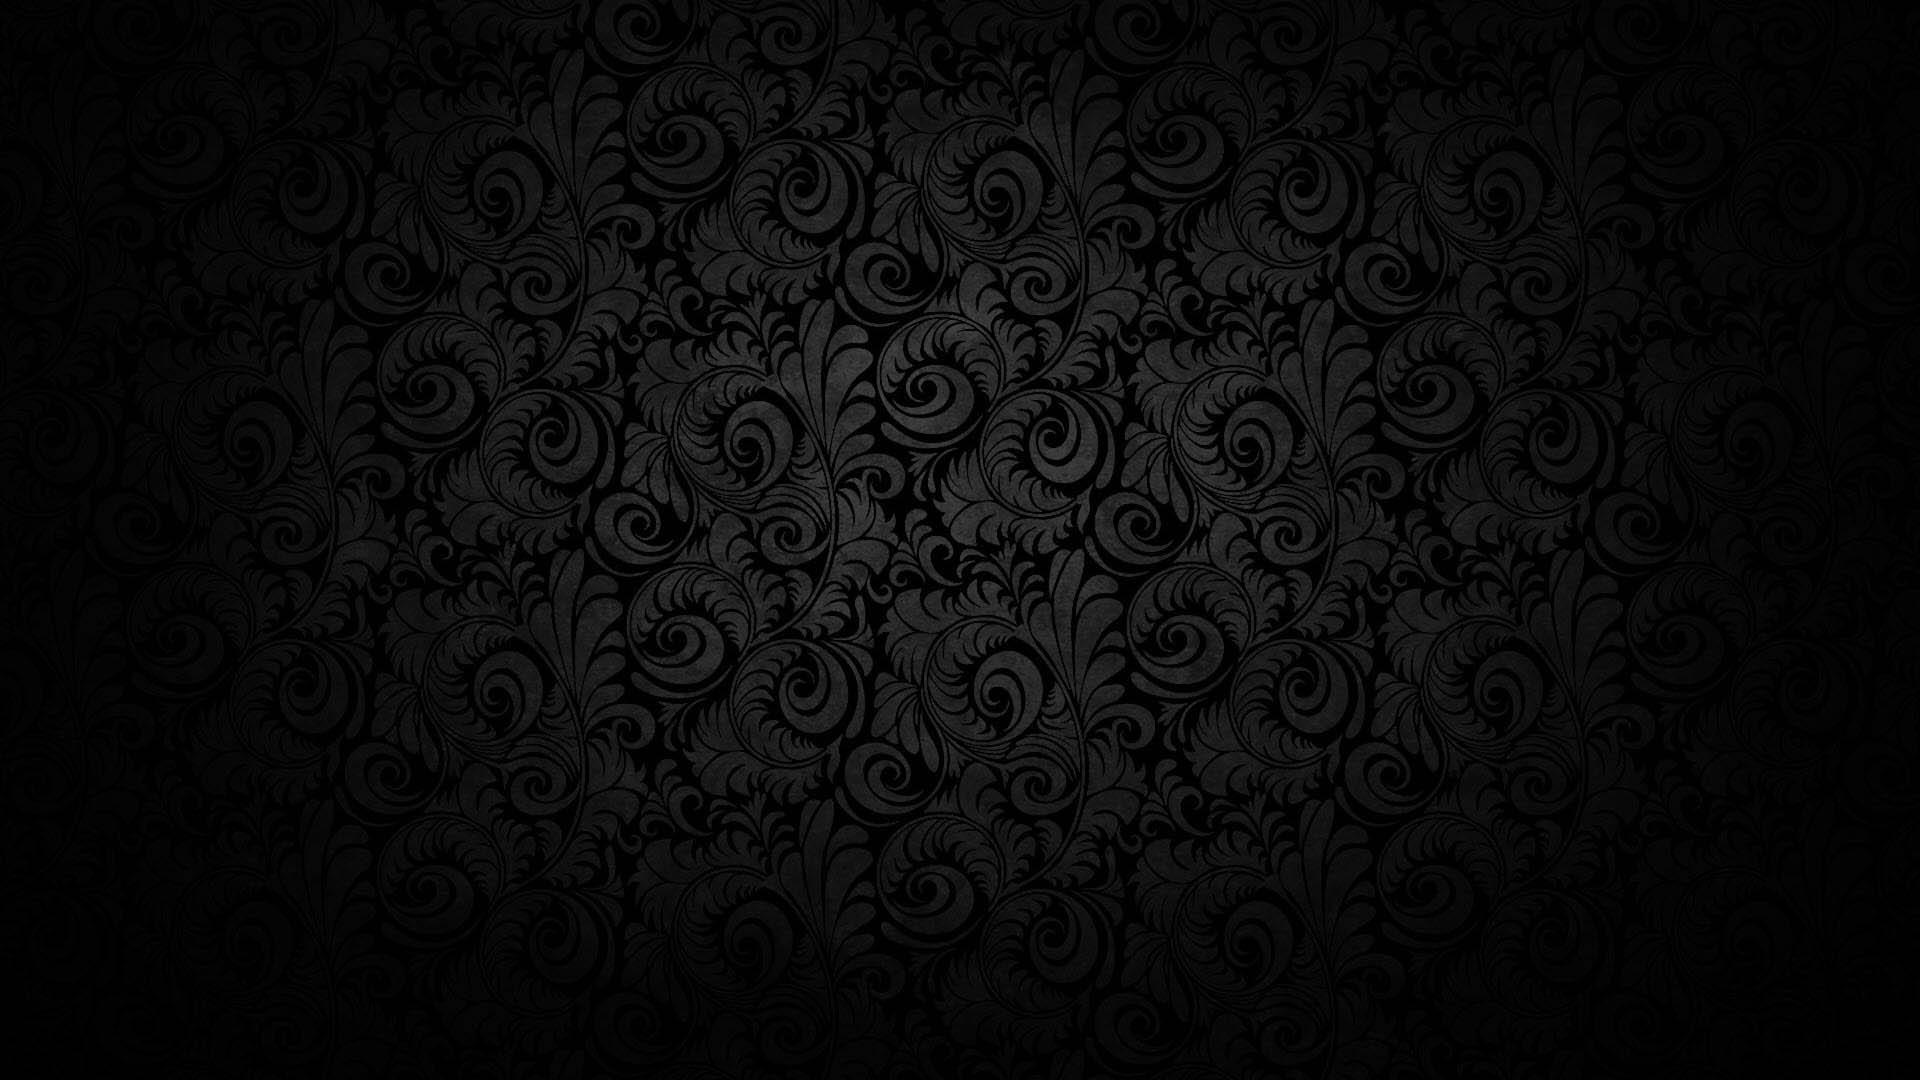 Hình nền đen hoa văn đẹp